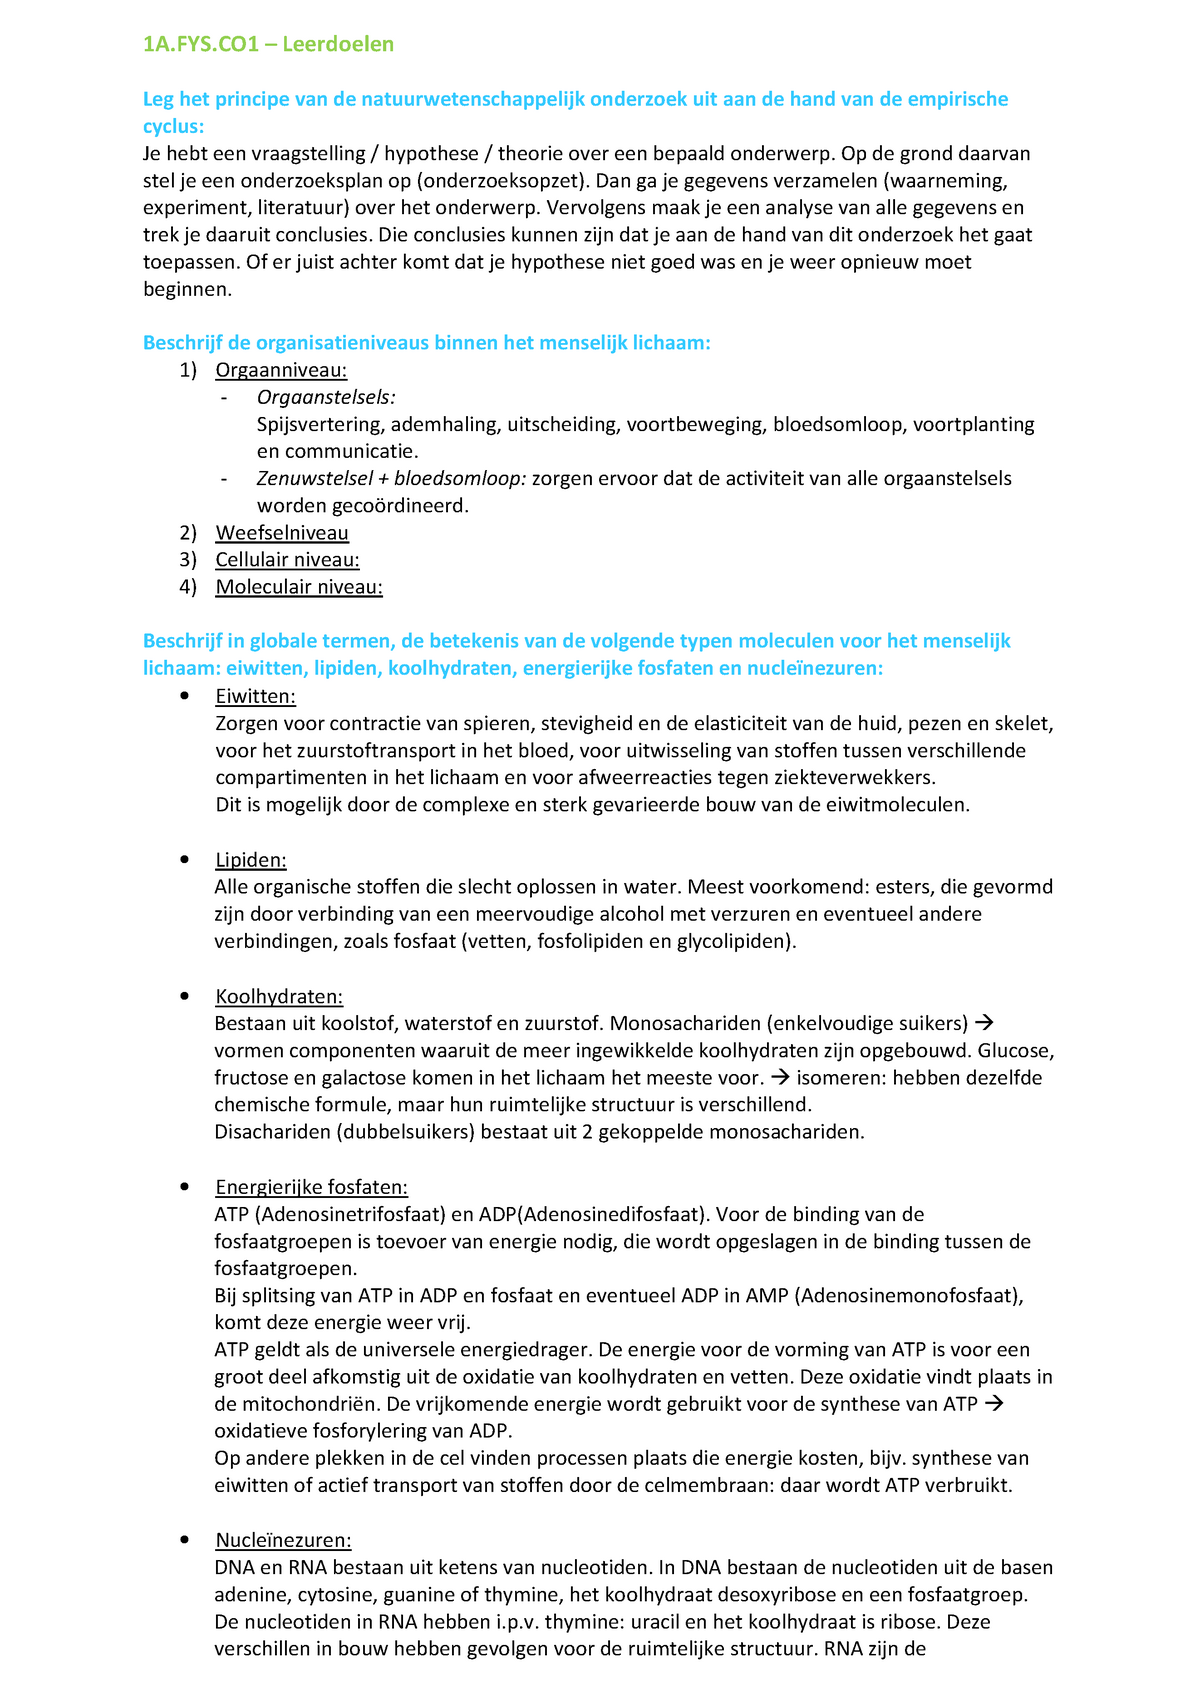 Samenvatting Leerdoelen 1afys Fysiologie Gfy 1gm1 12